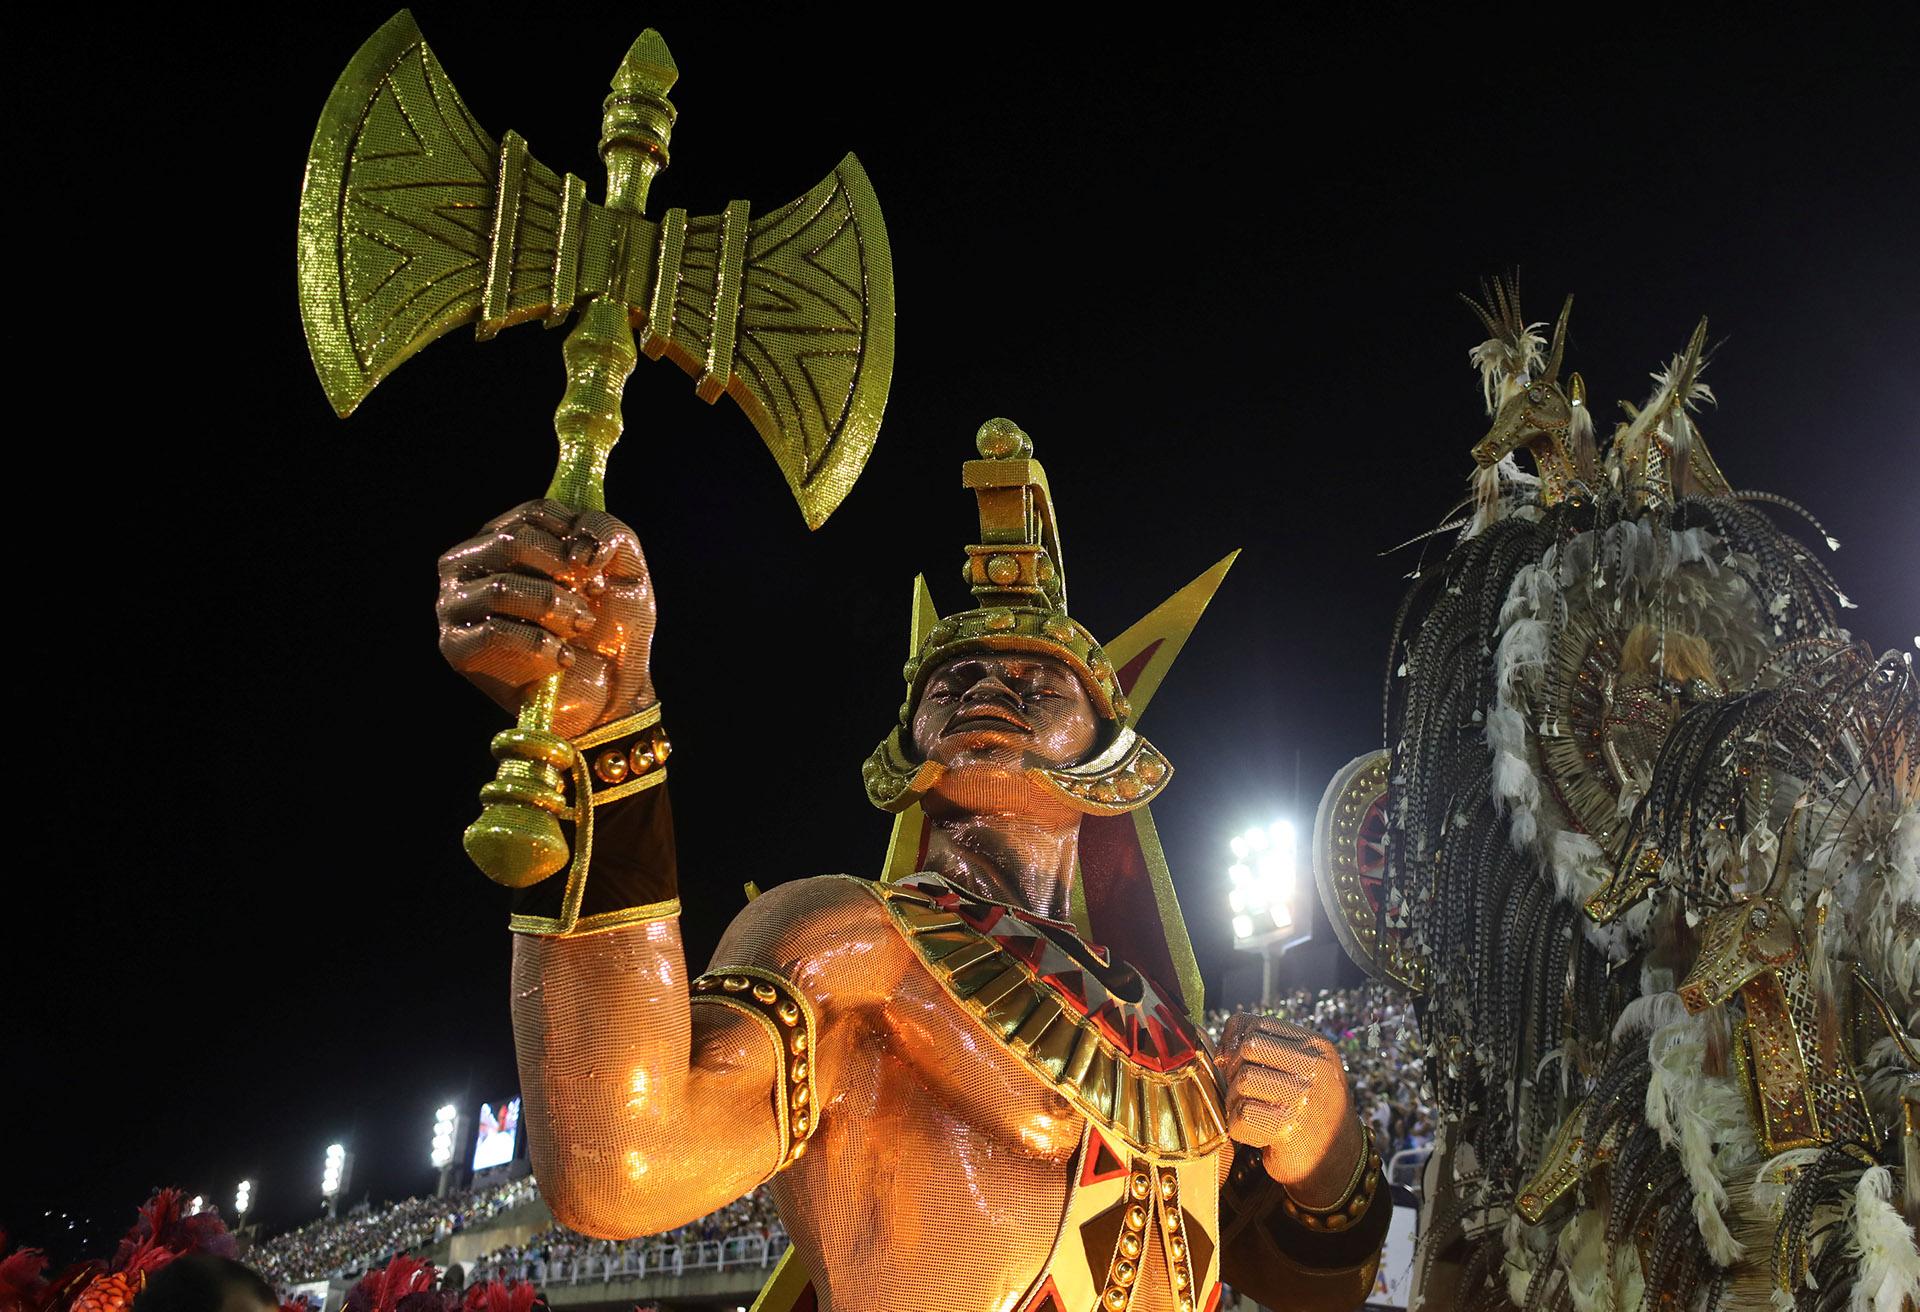 Salgueiro evocó la figura tutelar de Xangô -rey de la justicia en religiones de matriz africana- y cerró su desfile desplegando banderas arco iris, símbolo de la tolerancia a la comunidad LGBT